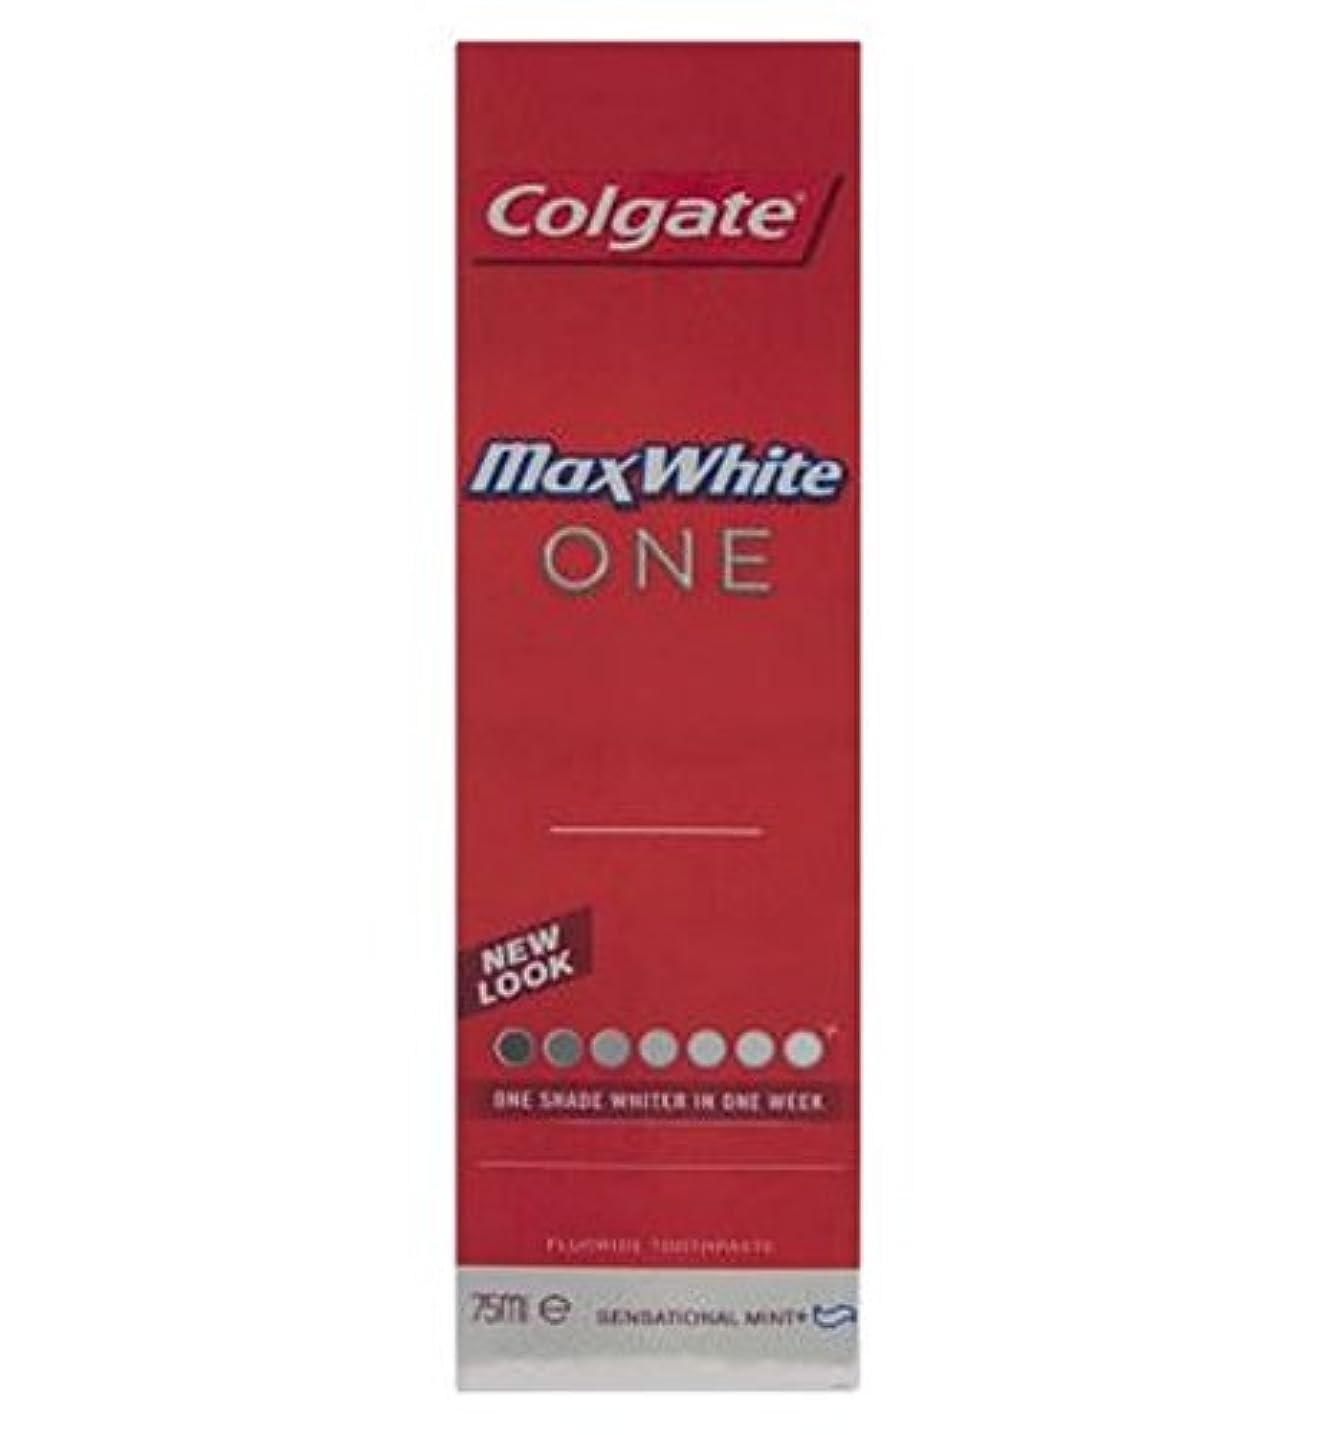 リレー場合勝利したColgate Max White One Fresh toothpaste 75ml - コルゲートマックスホワイト1新鮮な歯磨き粉75ミリリットル (Colgate) [並行輸入品]